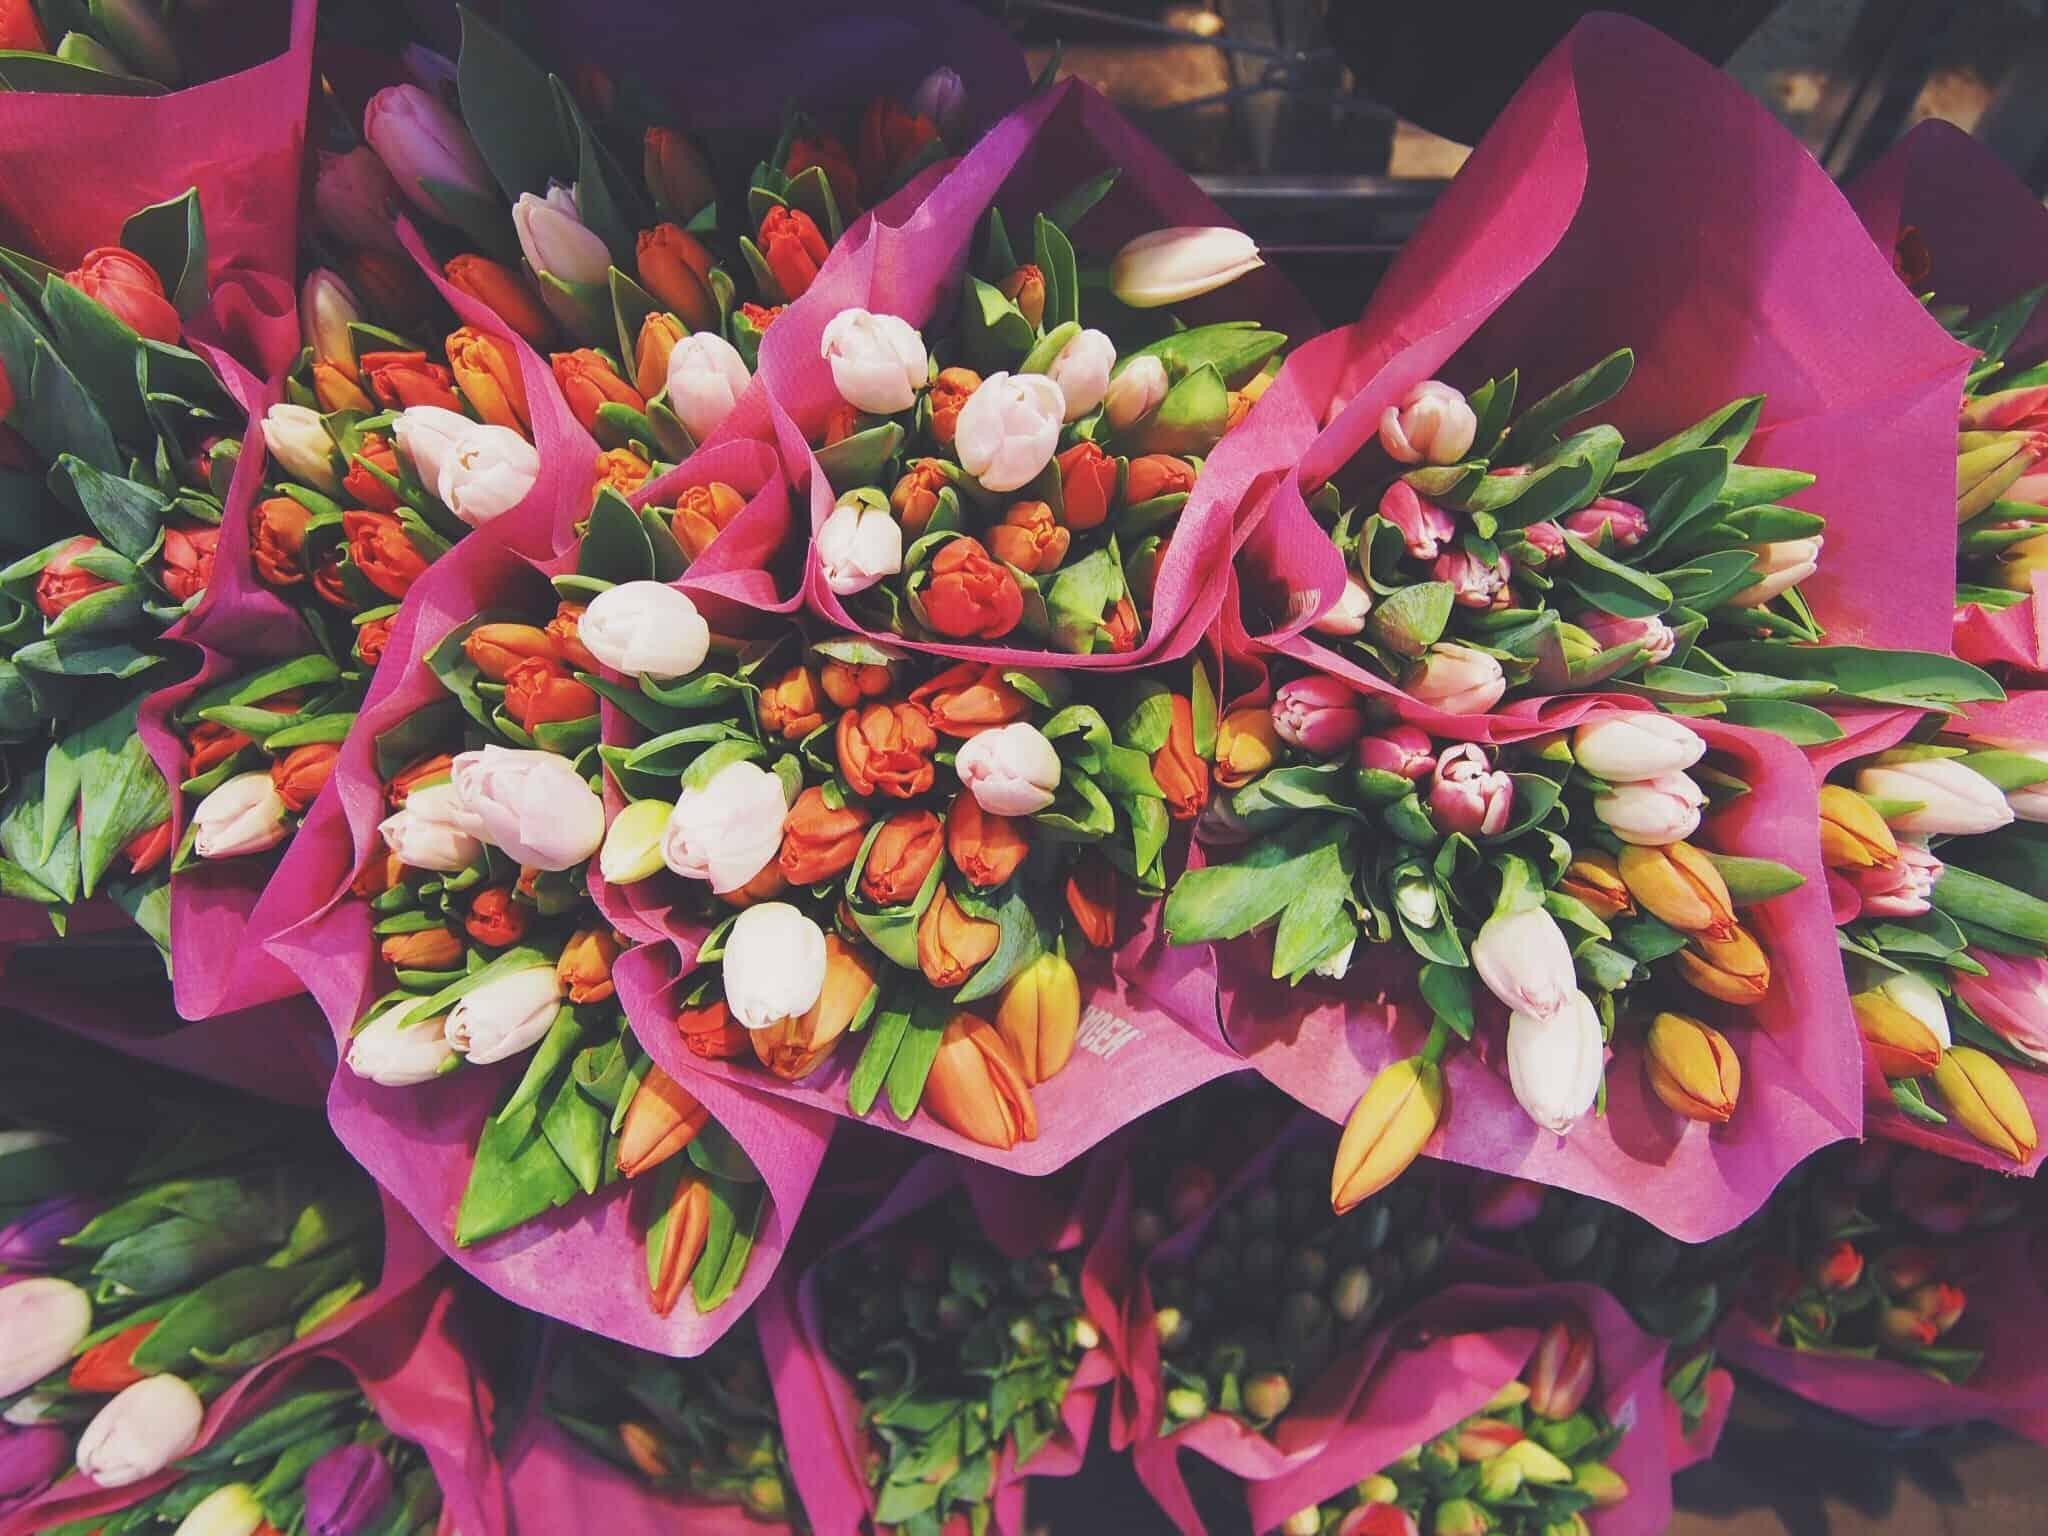 floral management college major